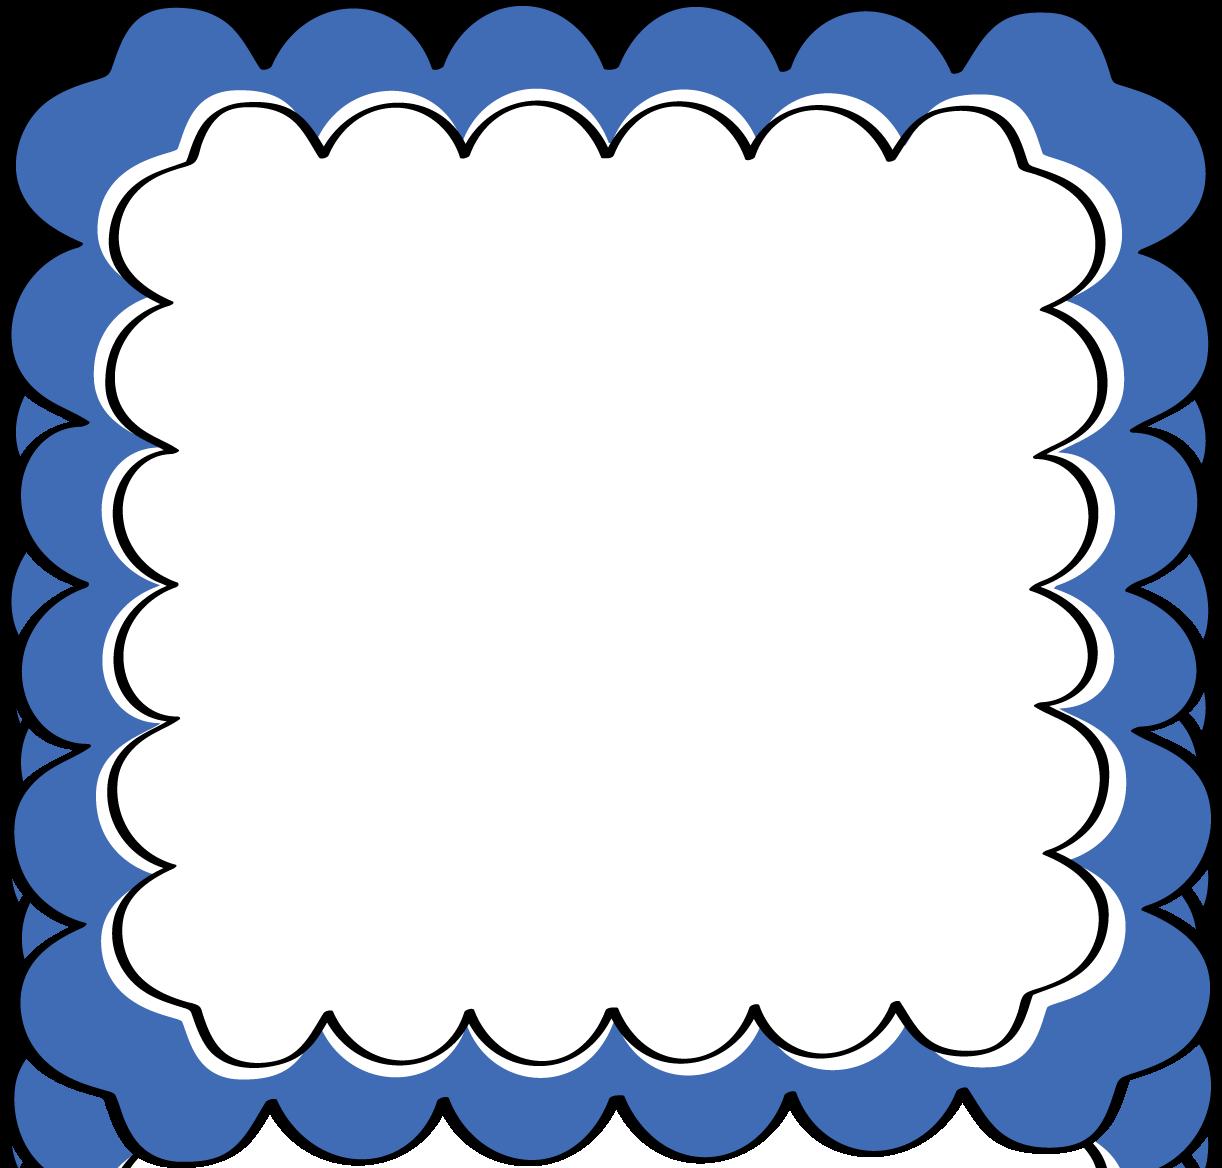 Blue Scalloped Frame.